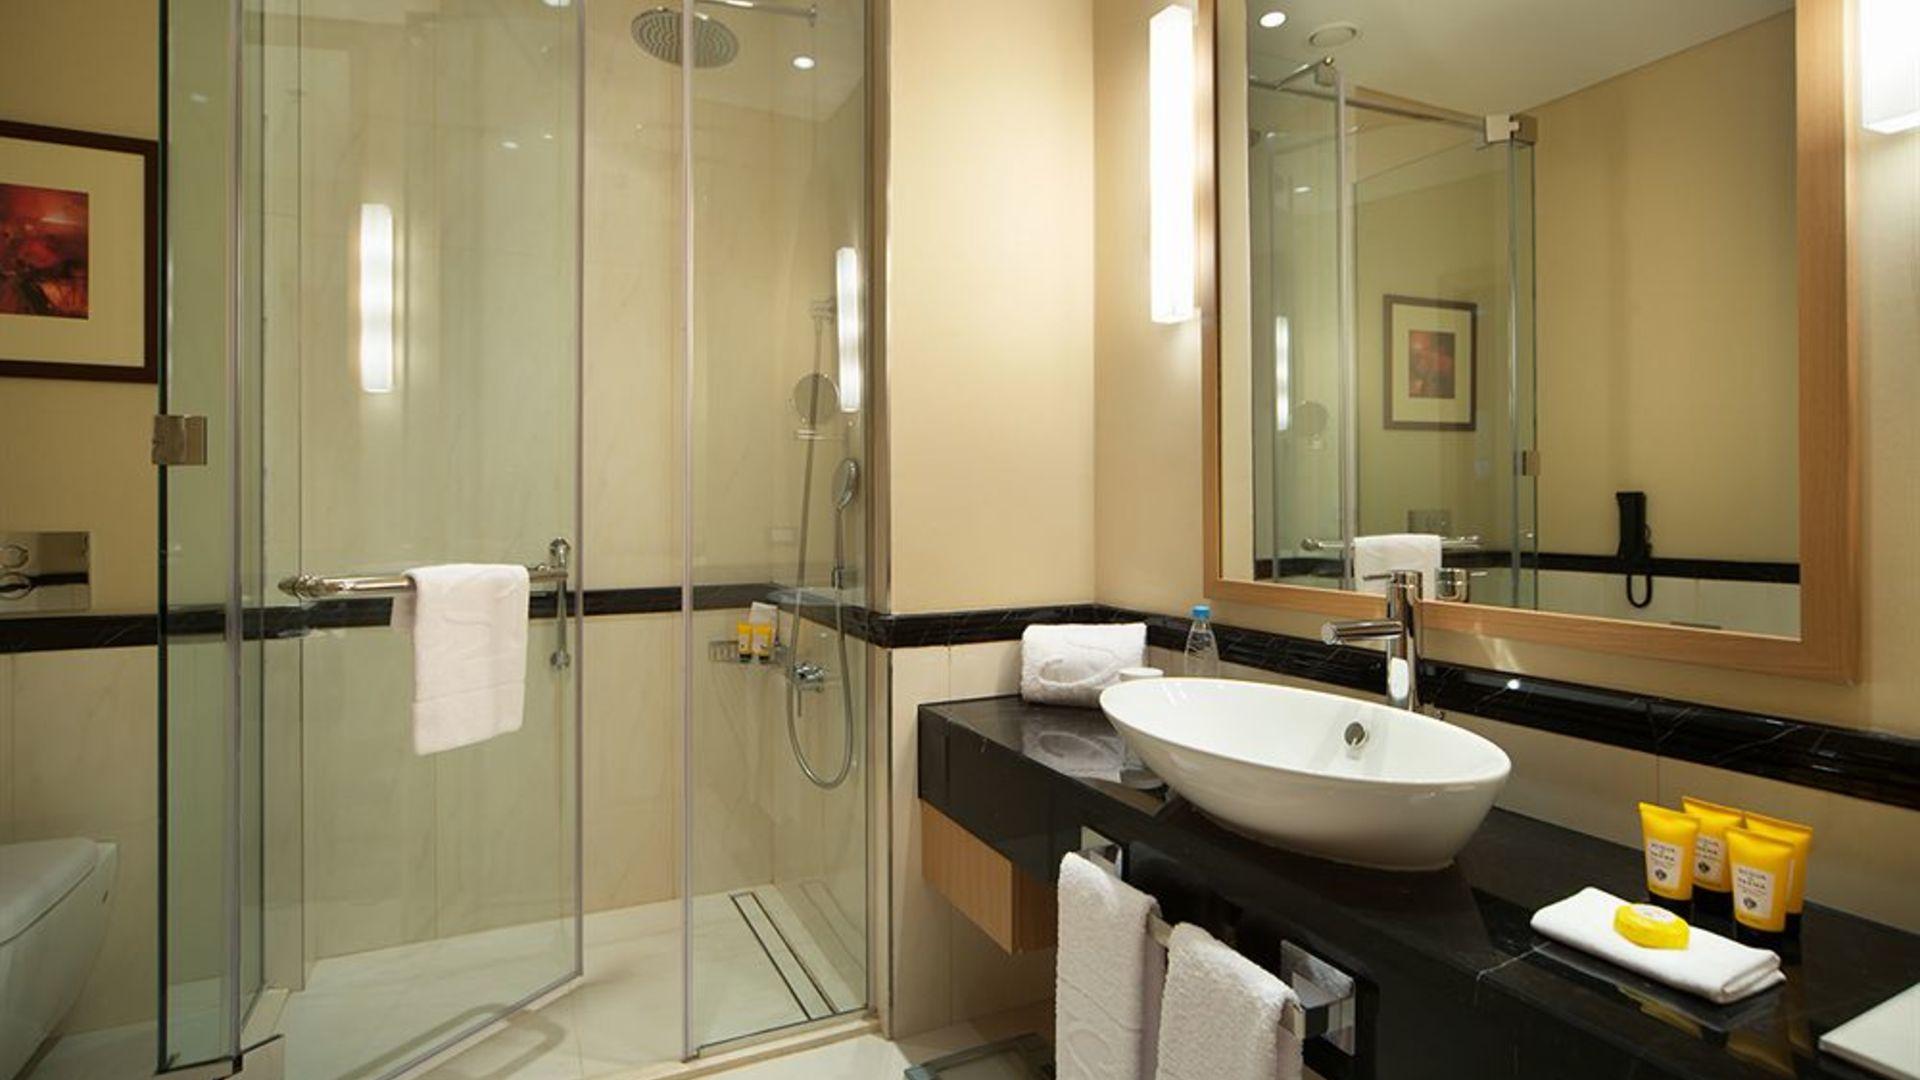 пластиковые фото бассейна в отеле солис сочи конфигурация выбирается зависимости